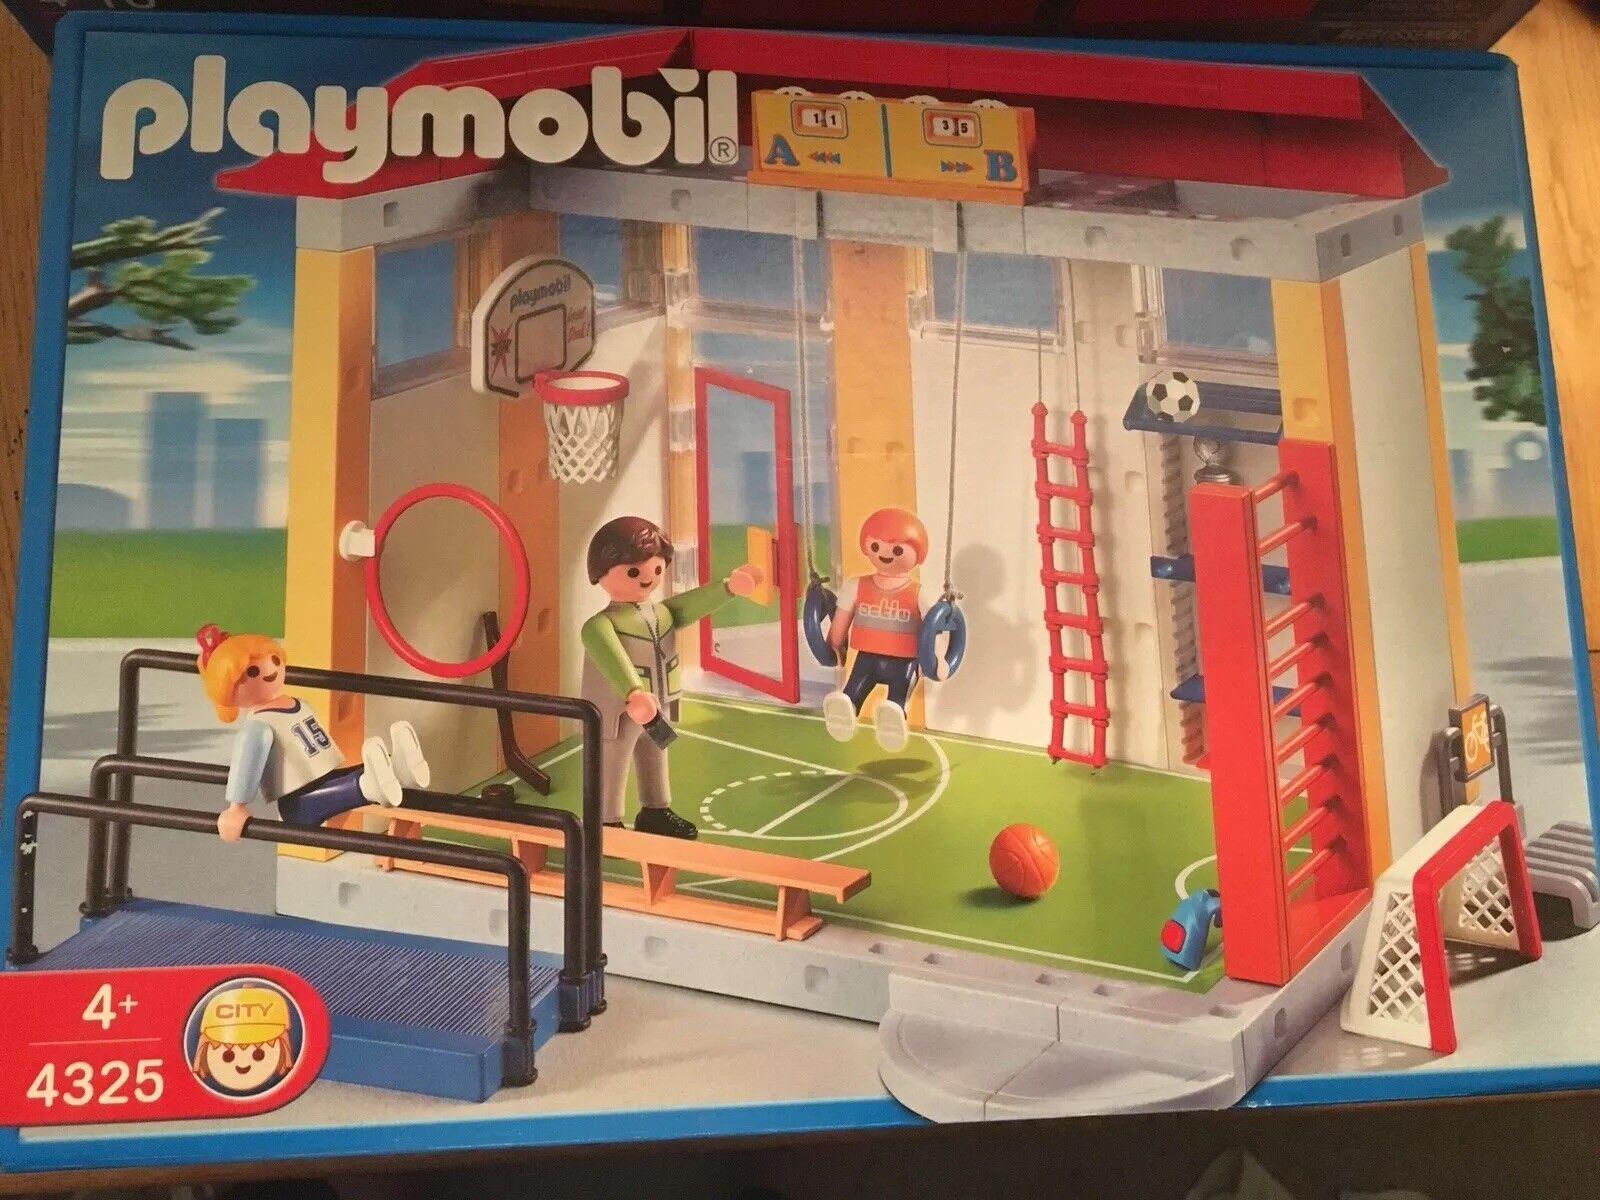 compras online de deportes Playmobil 4325 Escolar Gimnasio Nuevo Nuevo Nuevo Y En Caja-artículo Raro Descatalogado  mas barato